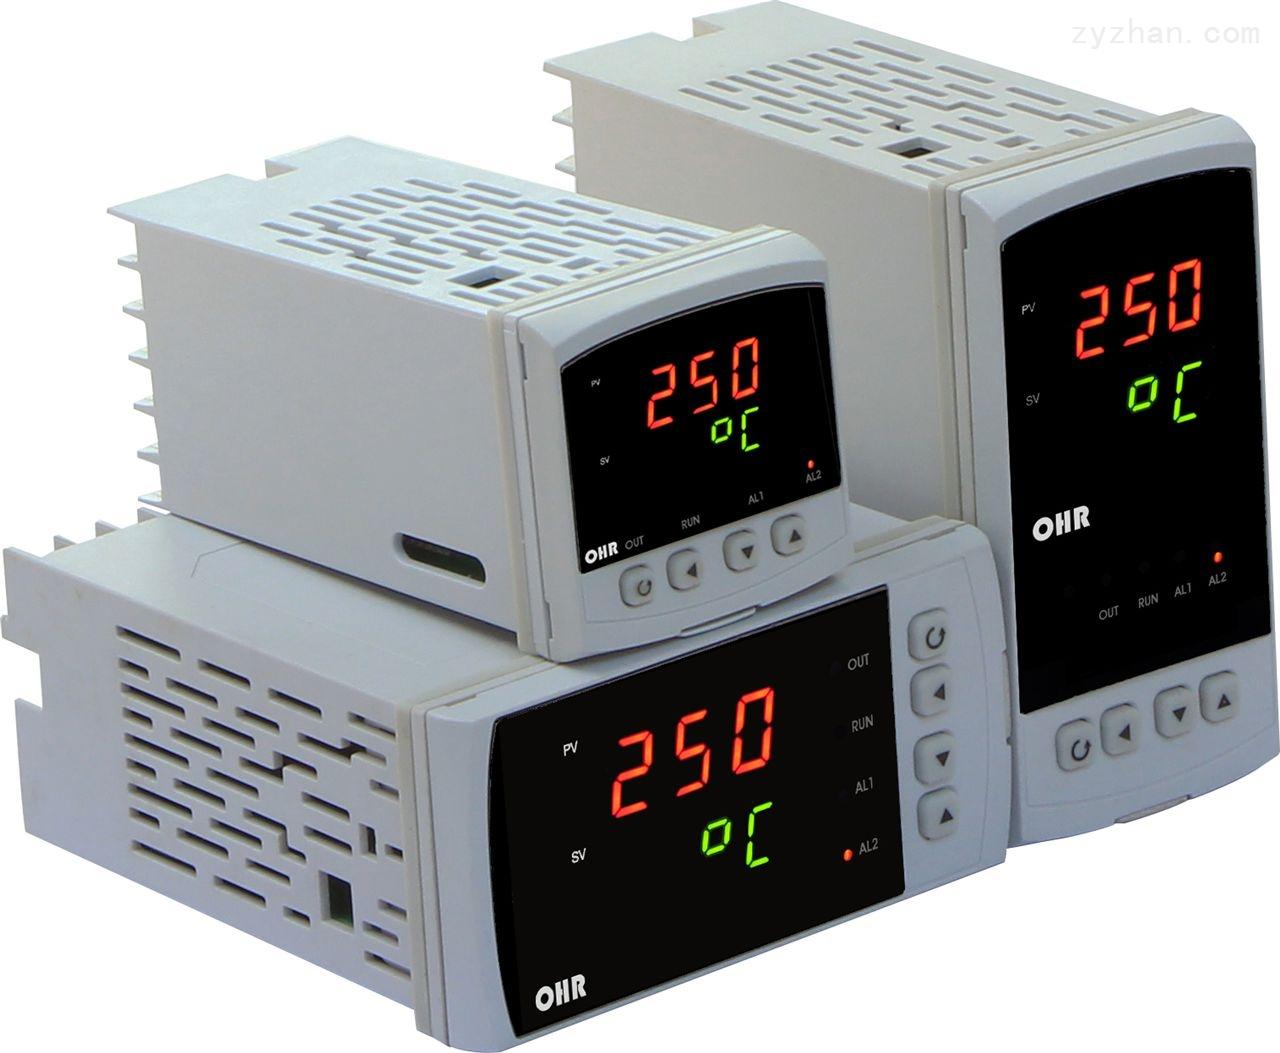 厂家直销三位单回路数字显示控制仪